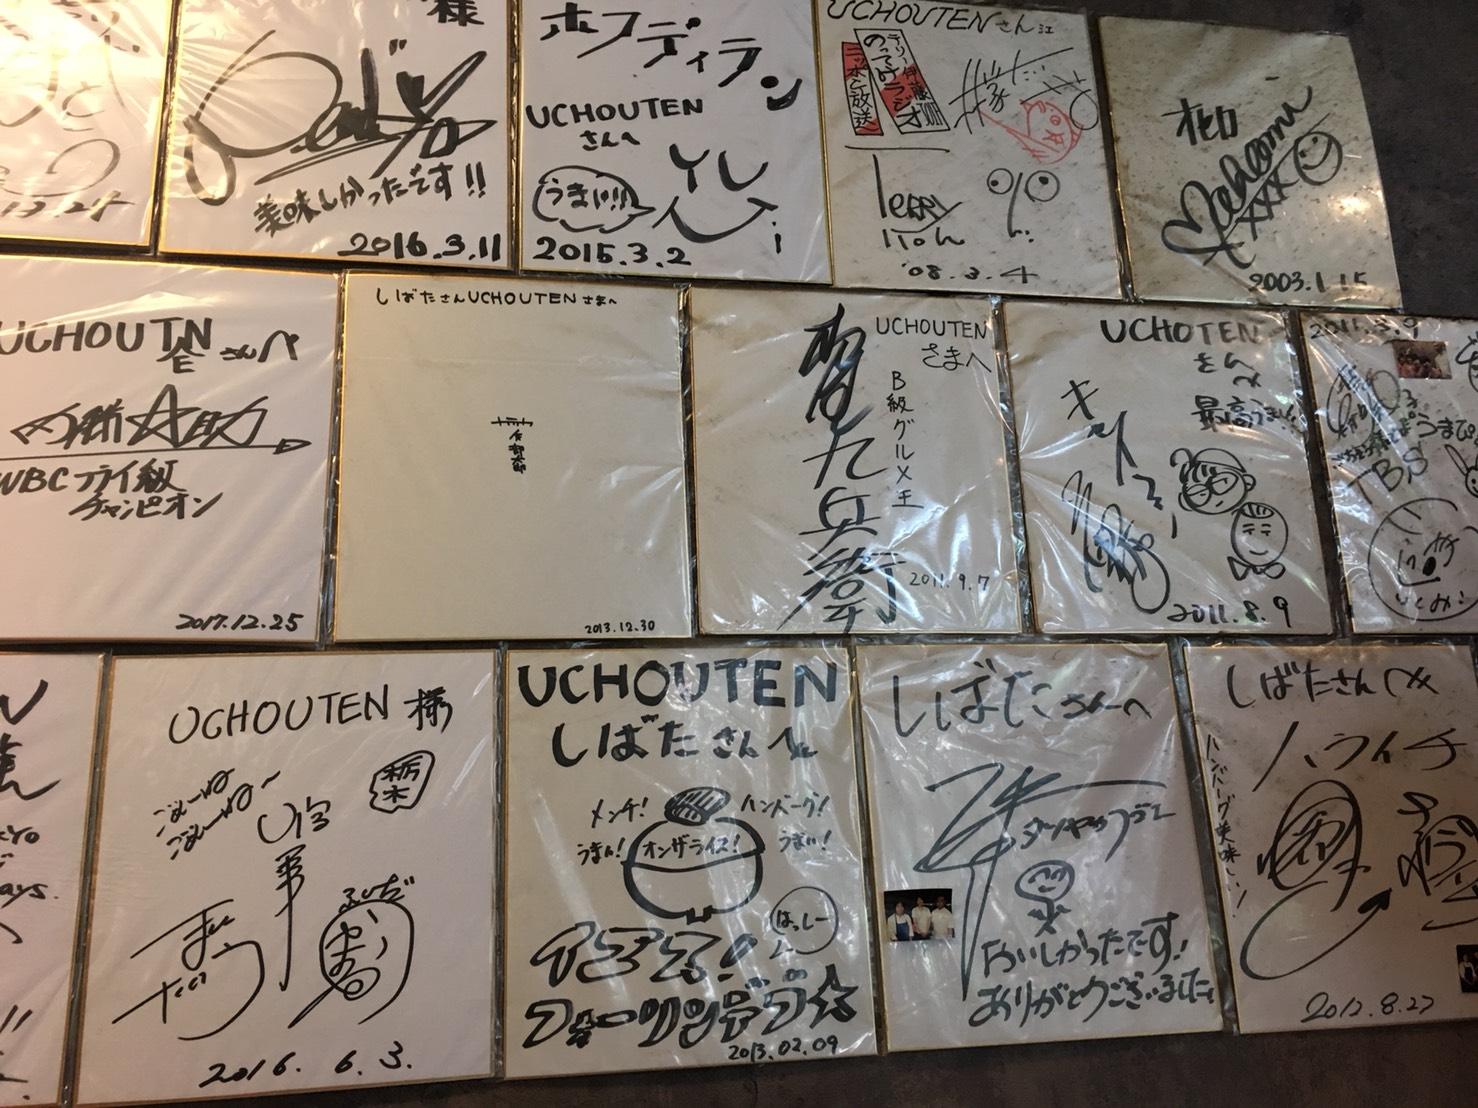 【池袋駅】絶品ハンバーグを求めて「UCHOUTEN(ウチョウテン)」の店内にある有名人のサイン